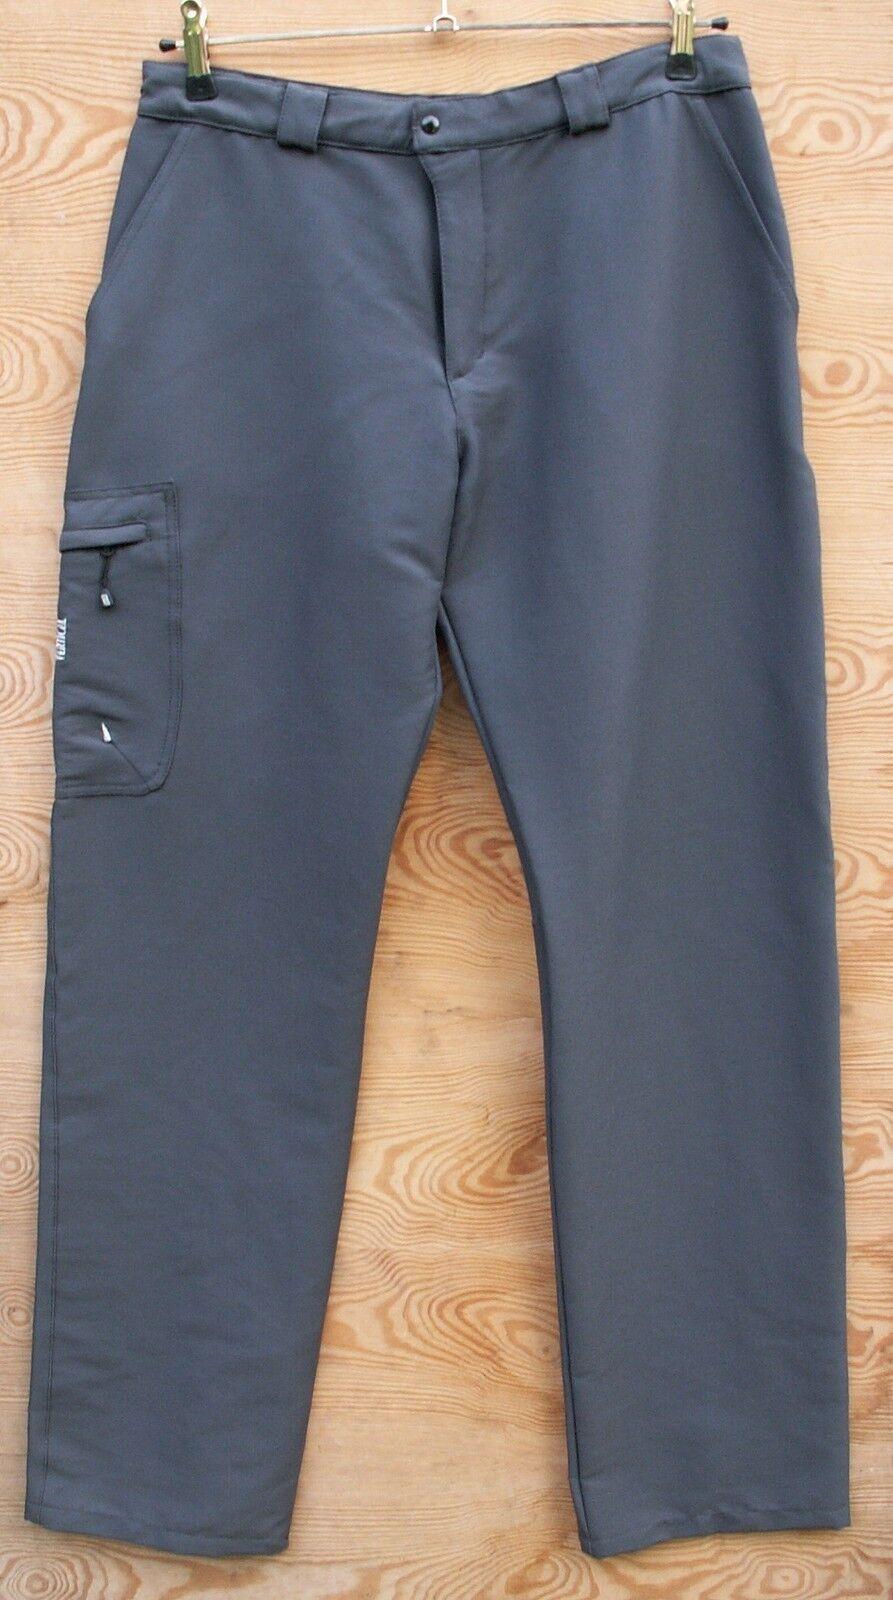 Vertcal Davos Pants, schlichte Softshellhose für Herren, Gr. 52,  139,- Euro